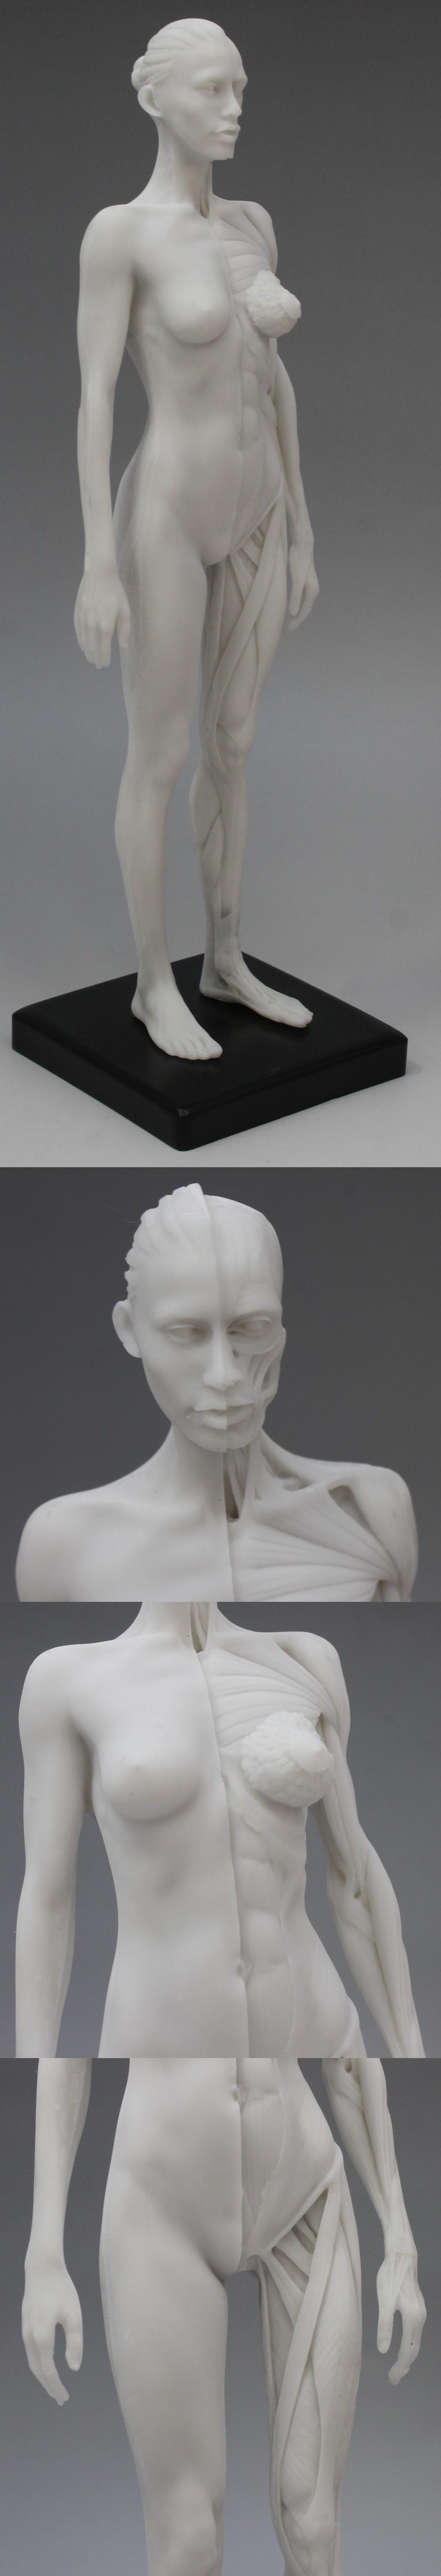 009人体模型5